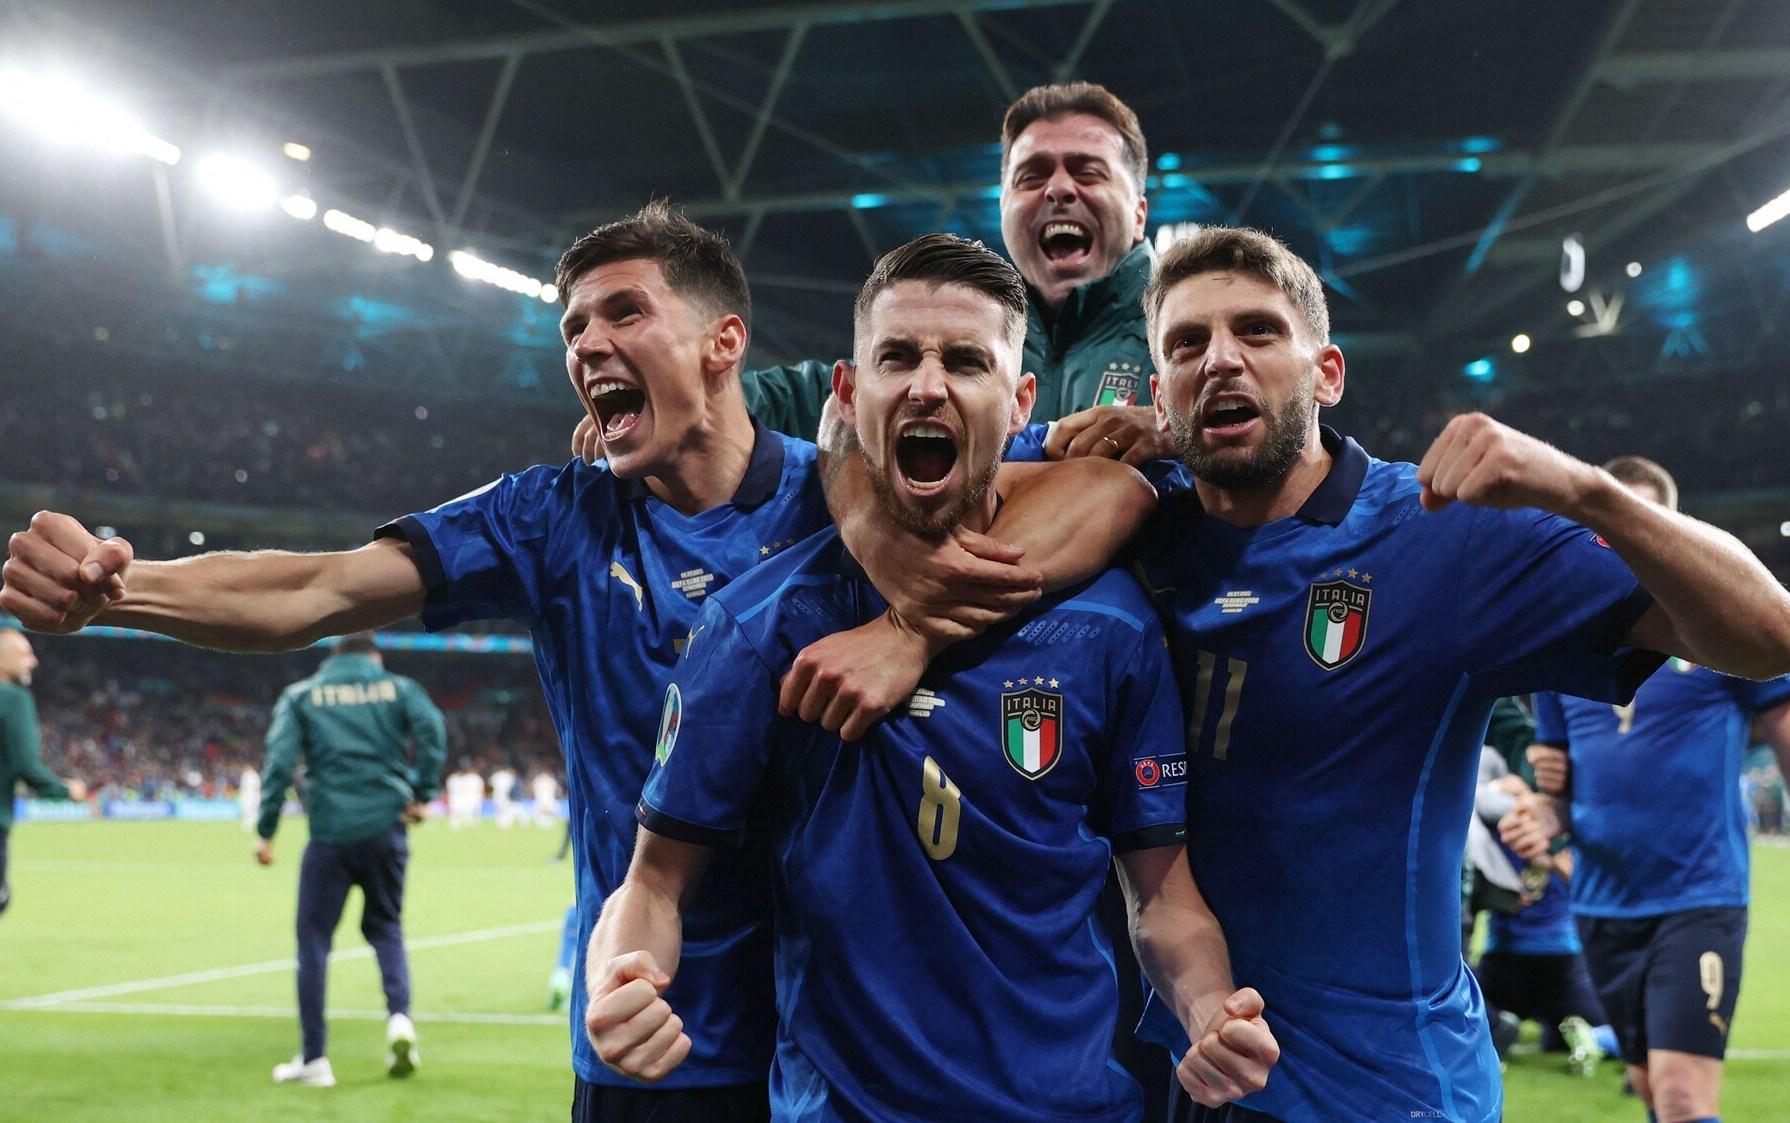 Được biết, UEFA đã trao cho Italy số tiền thưởng lên tới 99.5 triệu Euro cho ngôi vô địch